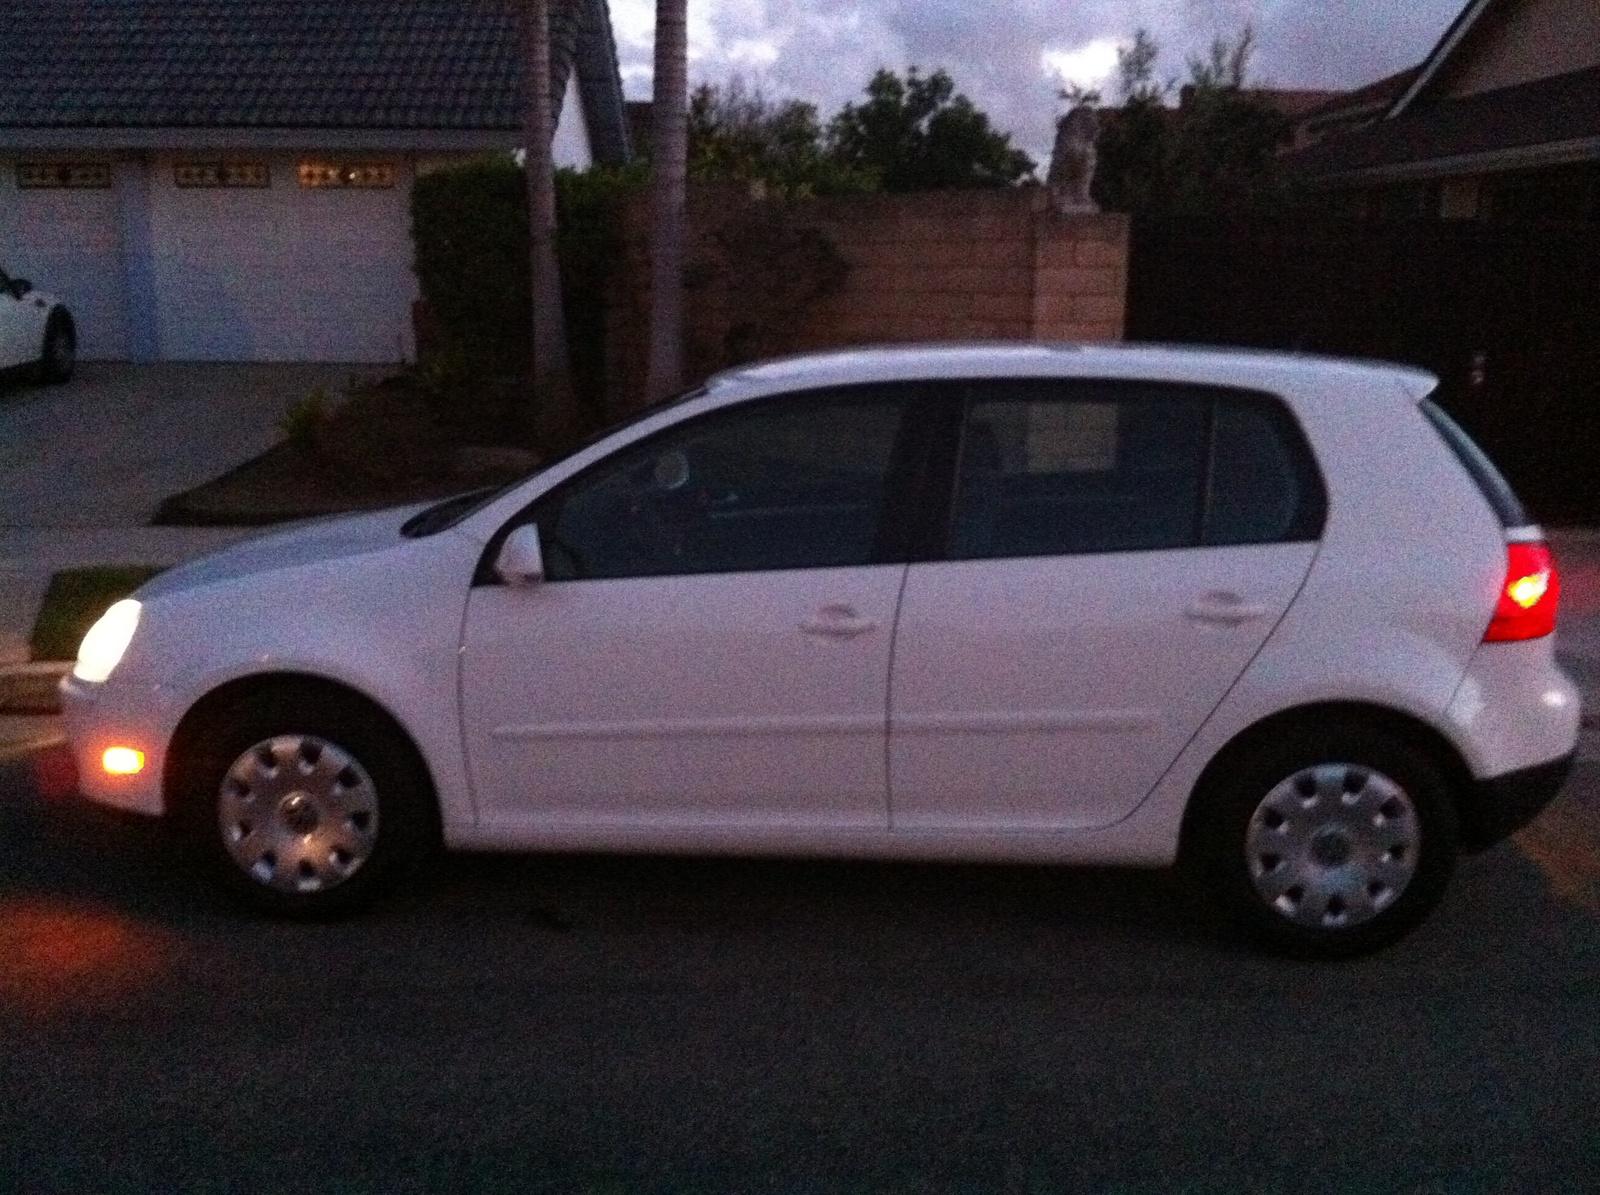 2007 Volkswagen Rabbit - Pictures - CarGurus